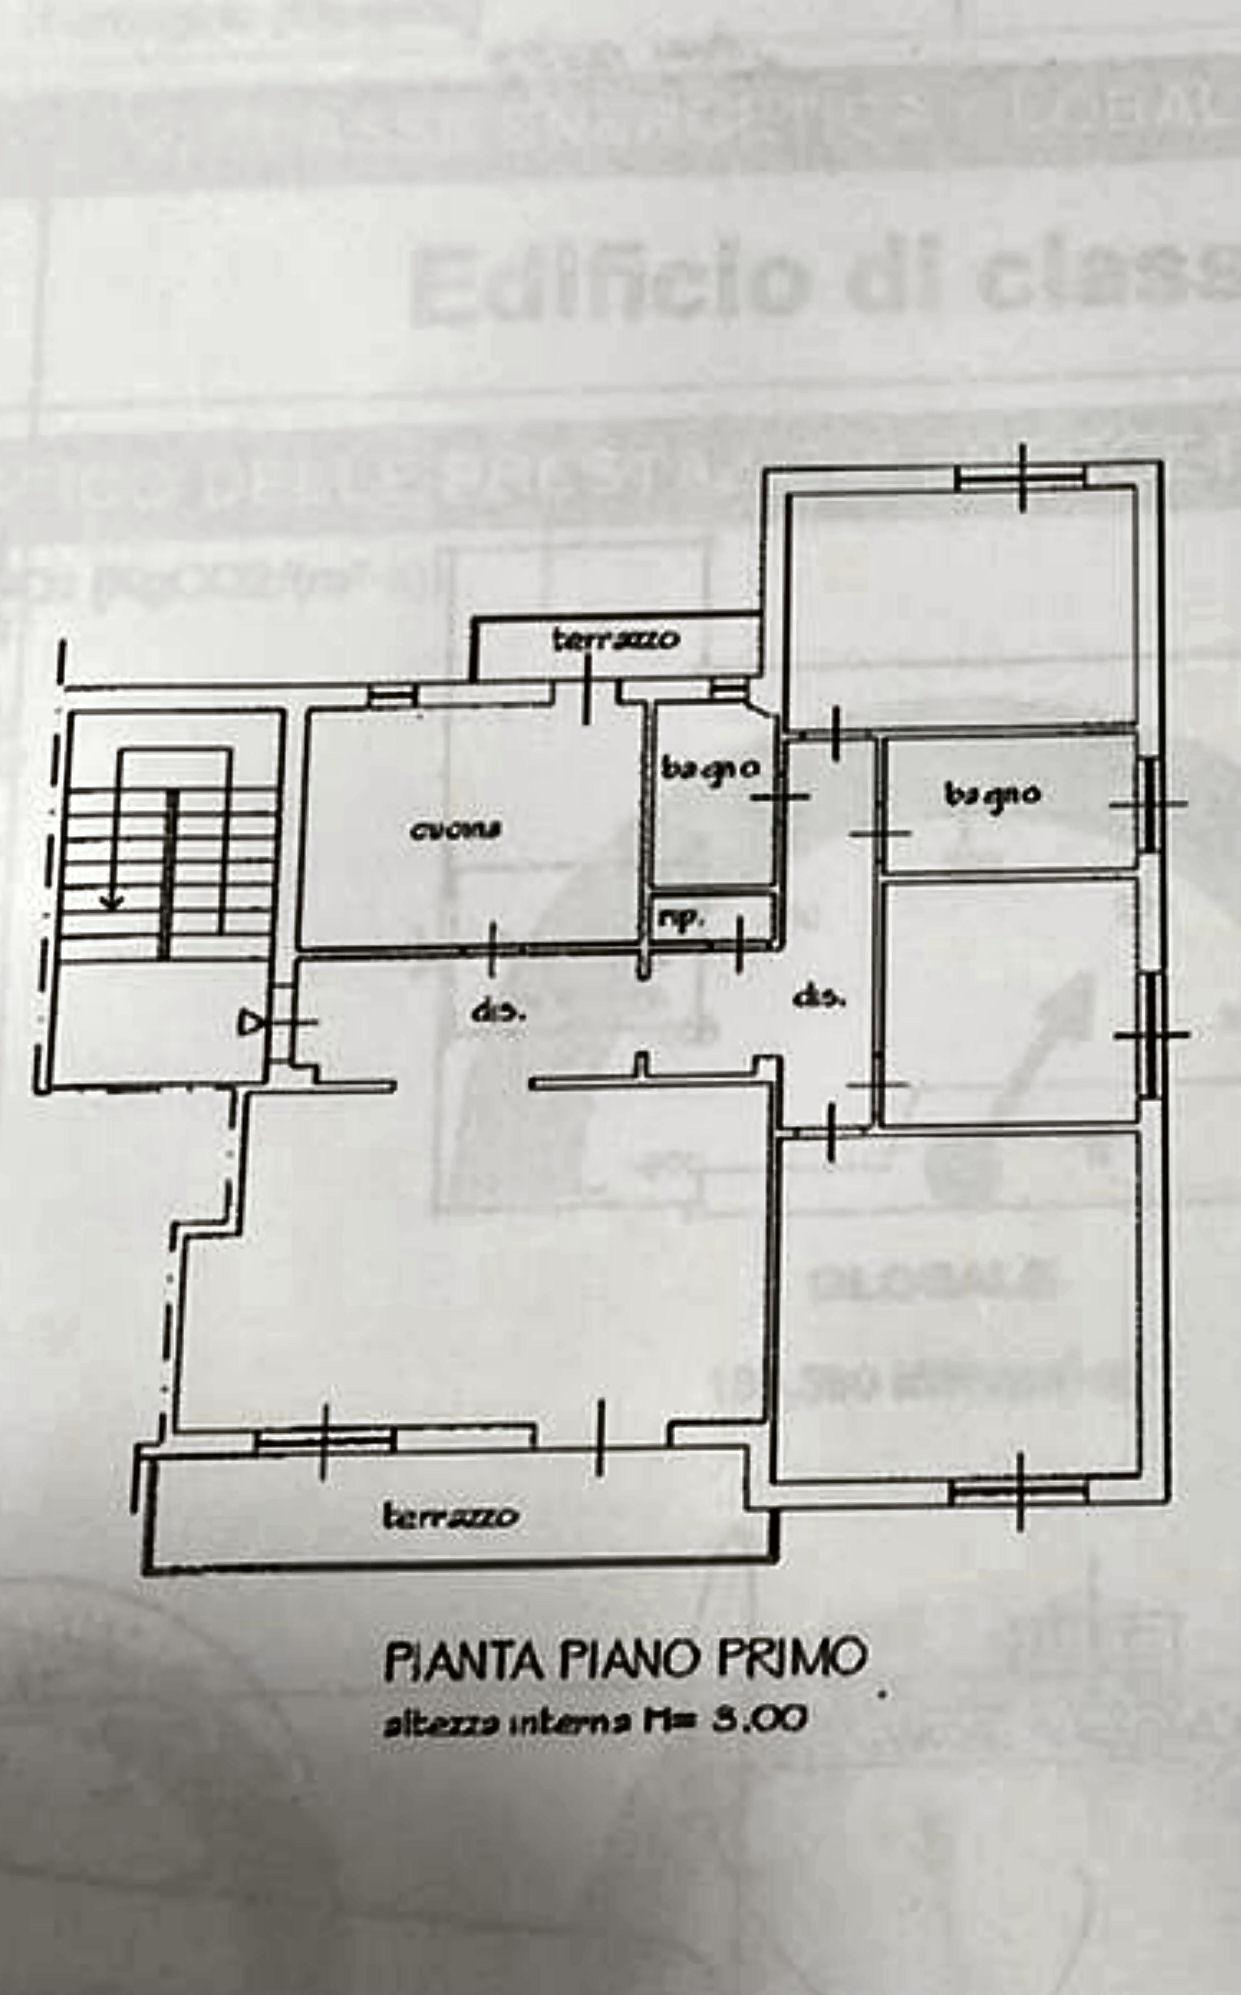 Appartamento in vendita, rif. 02506 (Planimetria 1/1)